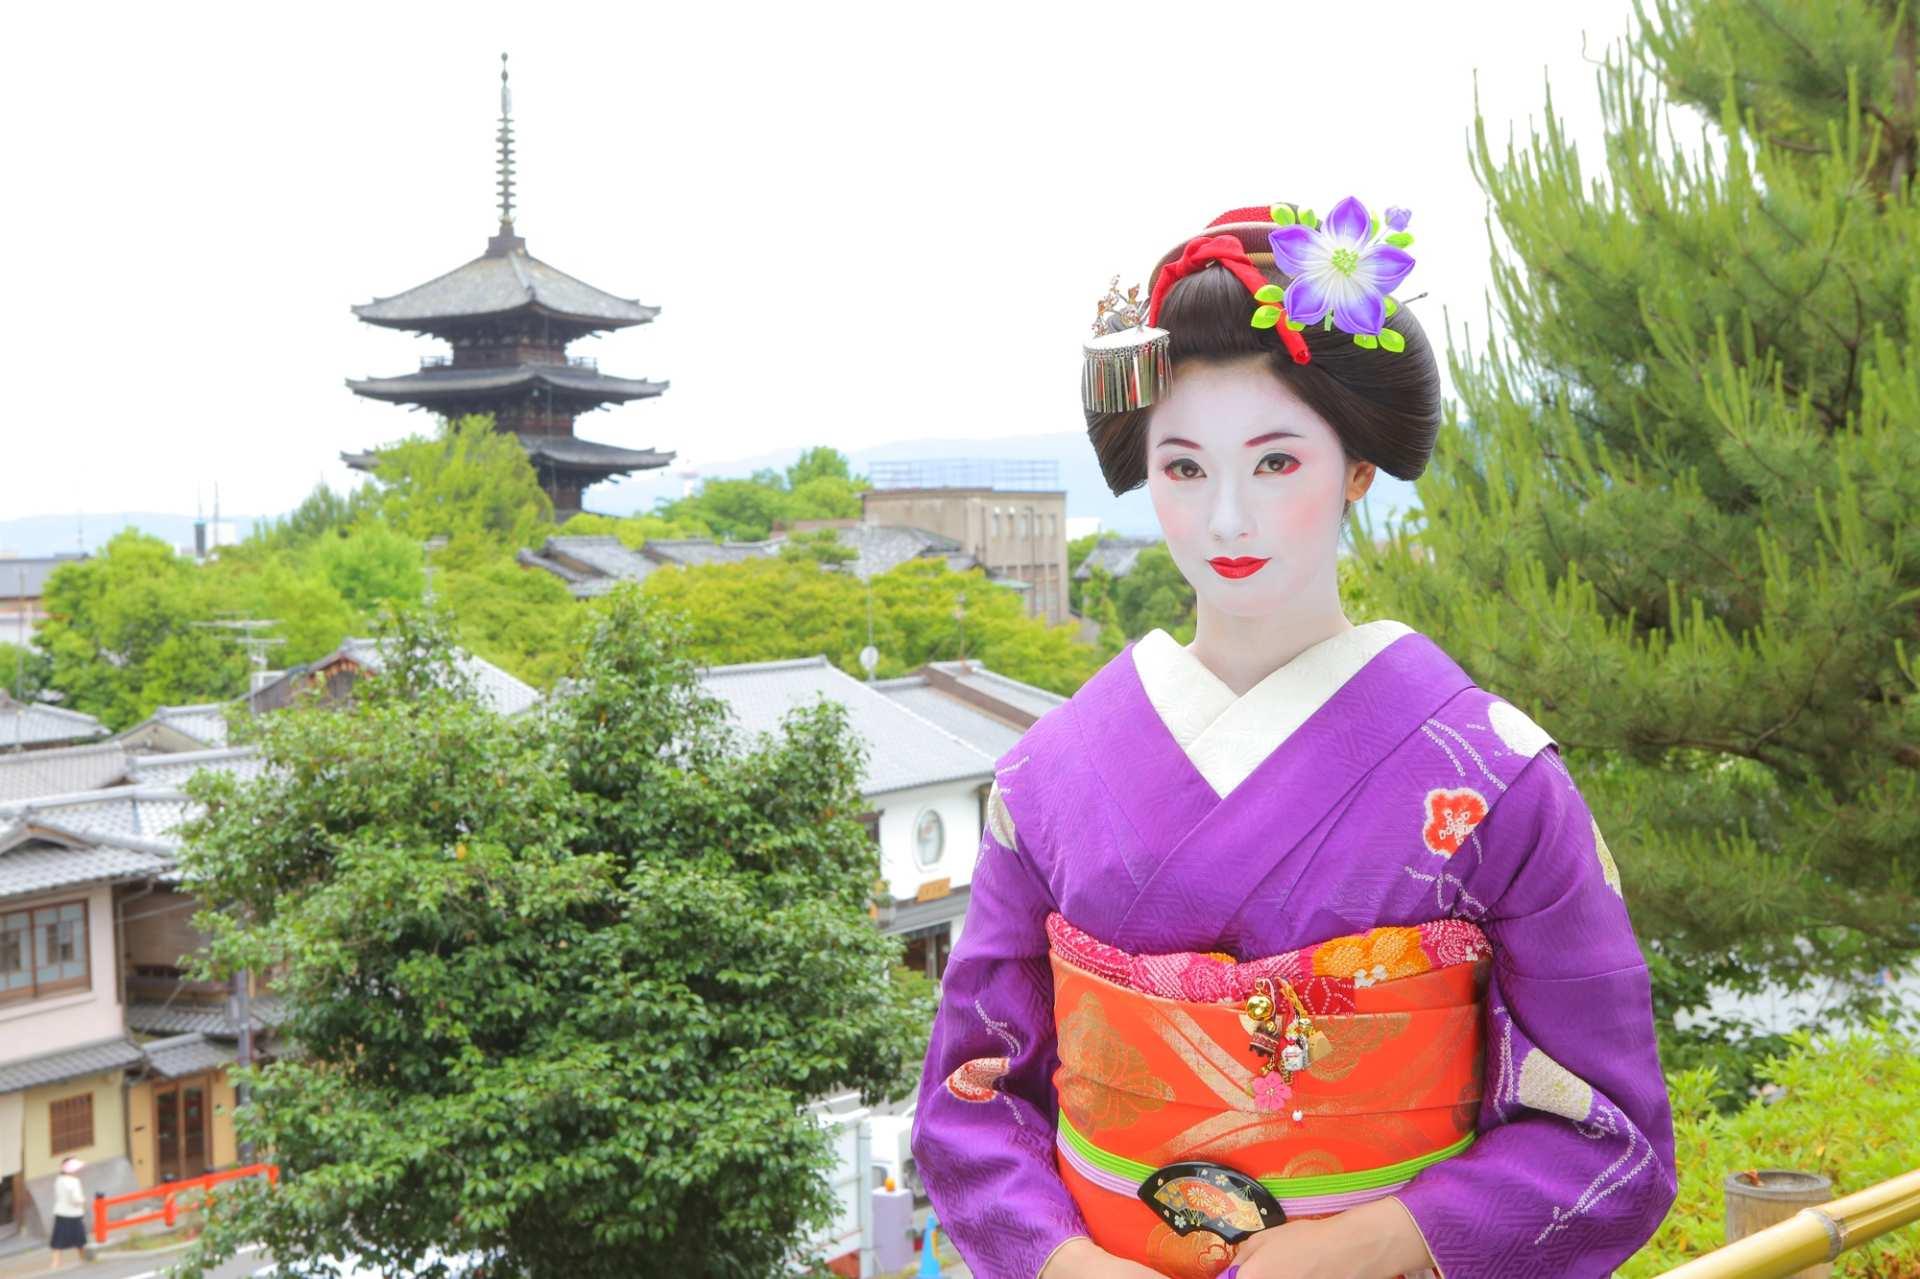 【京都・清水エリア】舞妓変身スタジオ四季:舞妓体験+写真撮影プラン